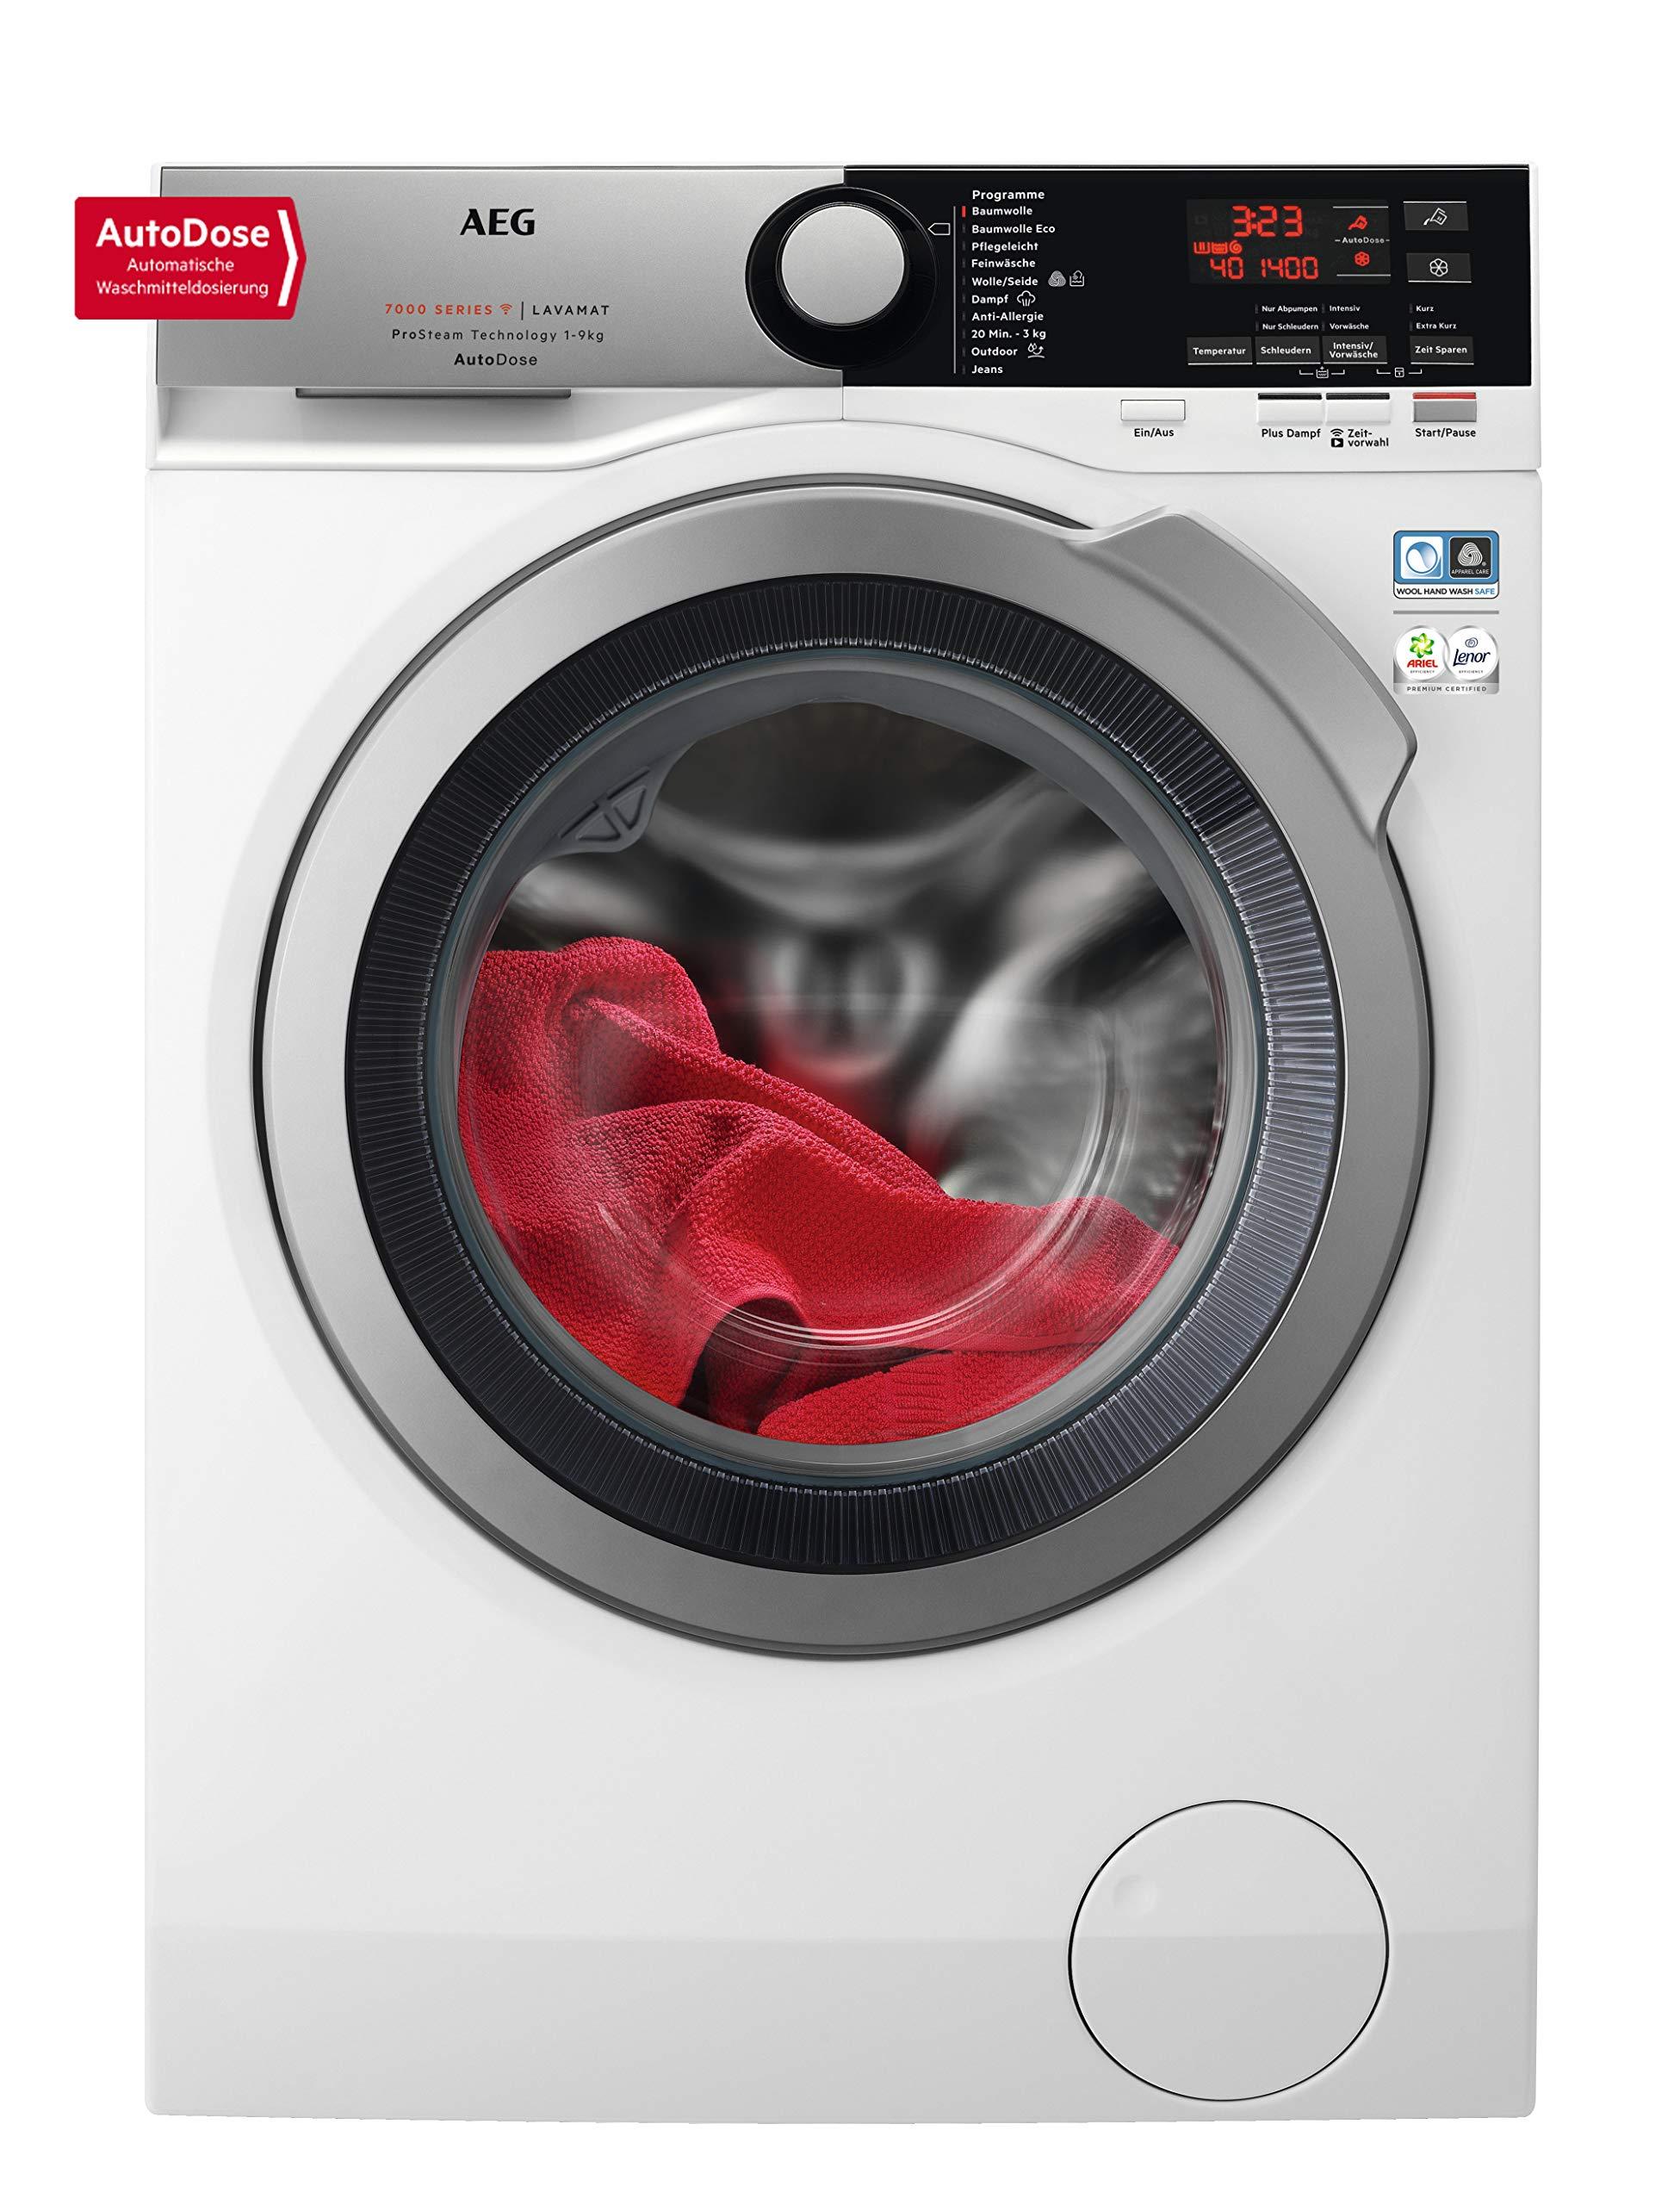 AEG L7FE78695 Waschmaschine mit AutoDose, ProSteam, 9 kg Füllmenge